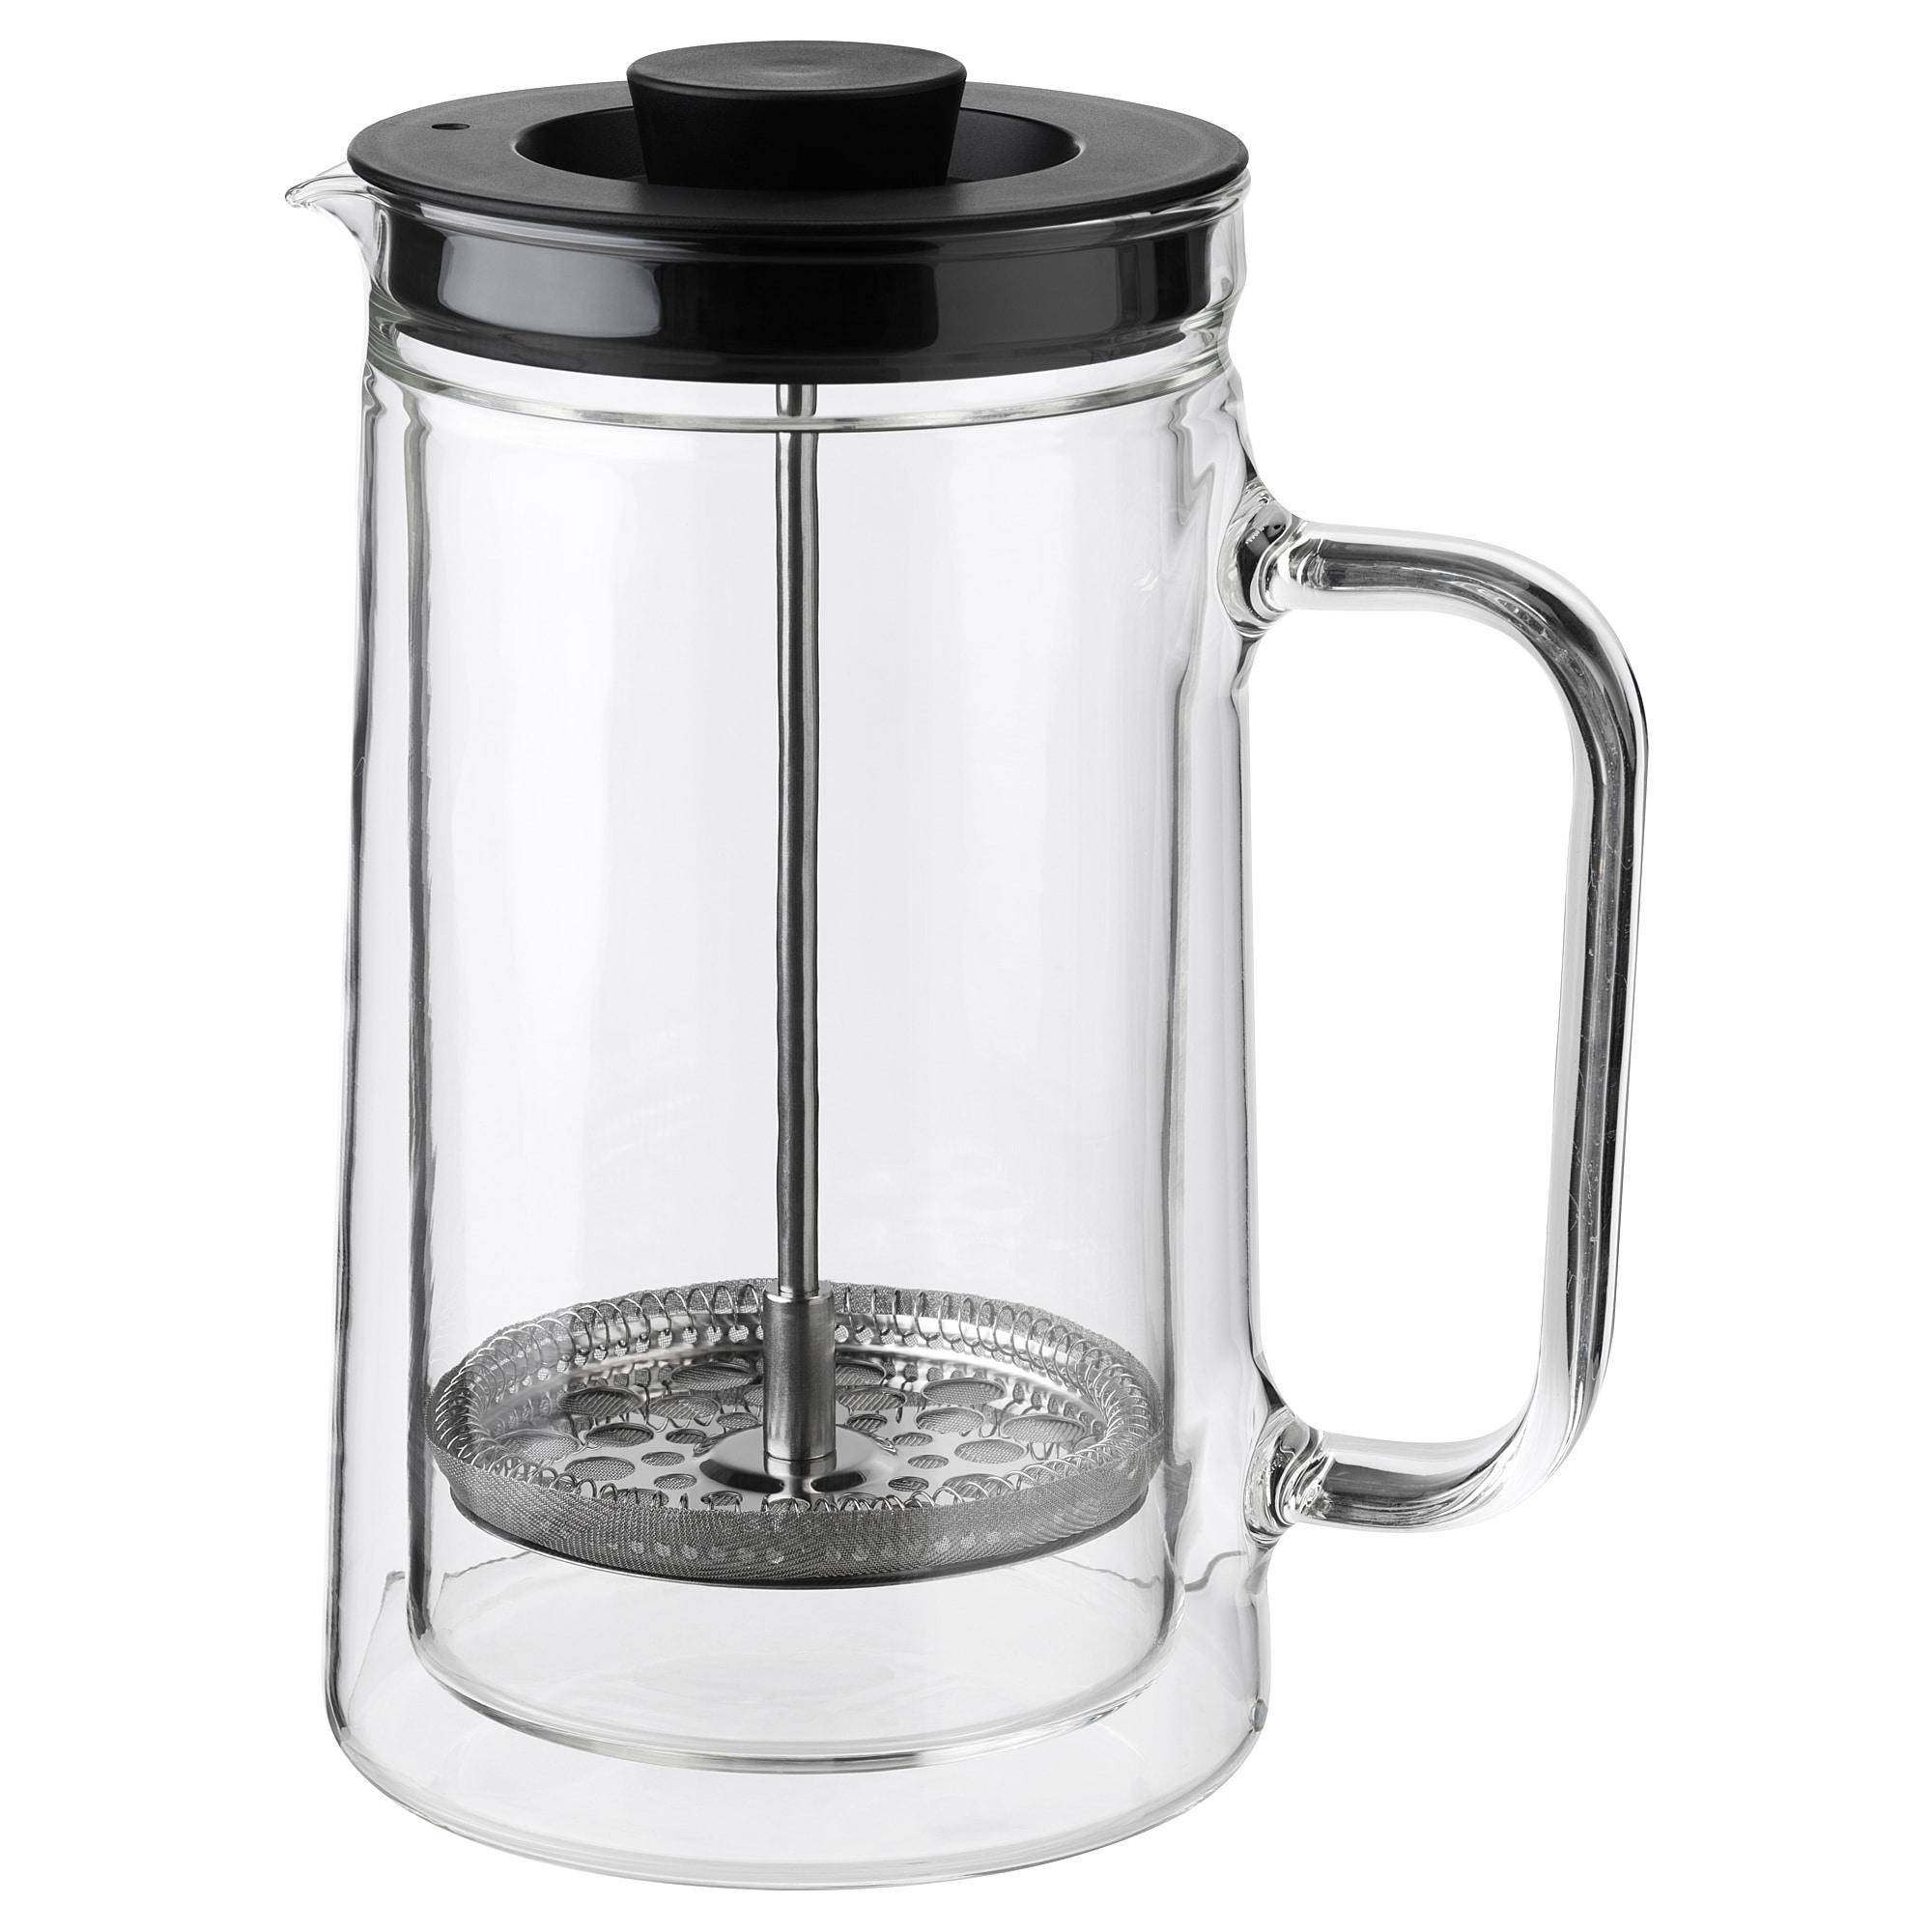 EGENTLIG Coffee/tea maker, double-walled, clear glass, 0.9 l